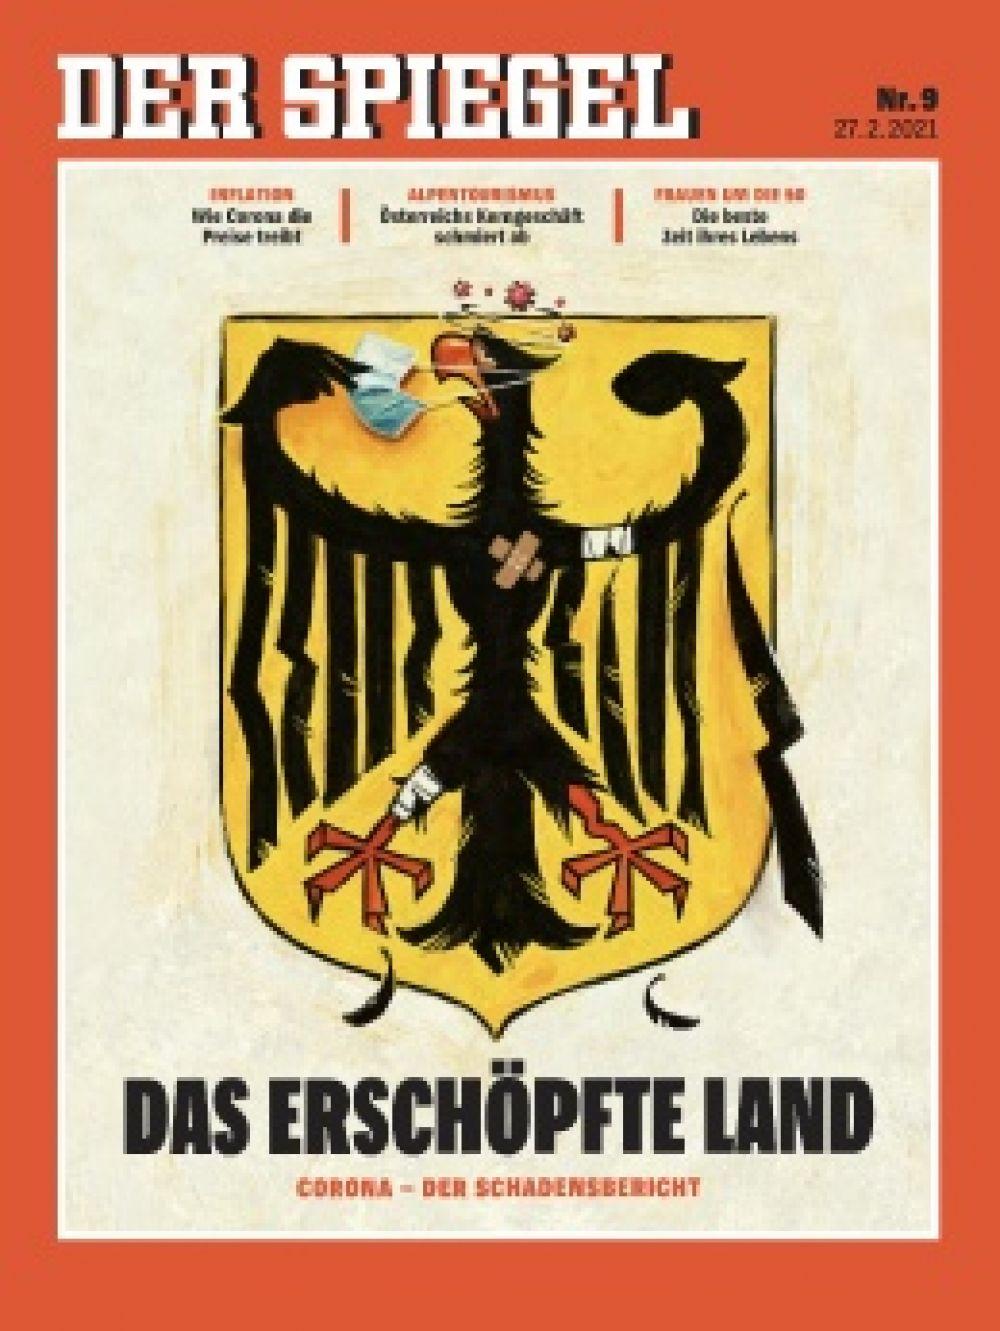 «Шпигель» за февраль. Геральдический орел в маске, и ему явно не по себе. Символизирует то состояние, в котором находились большинство немцев.